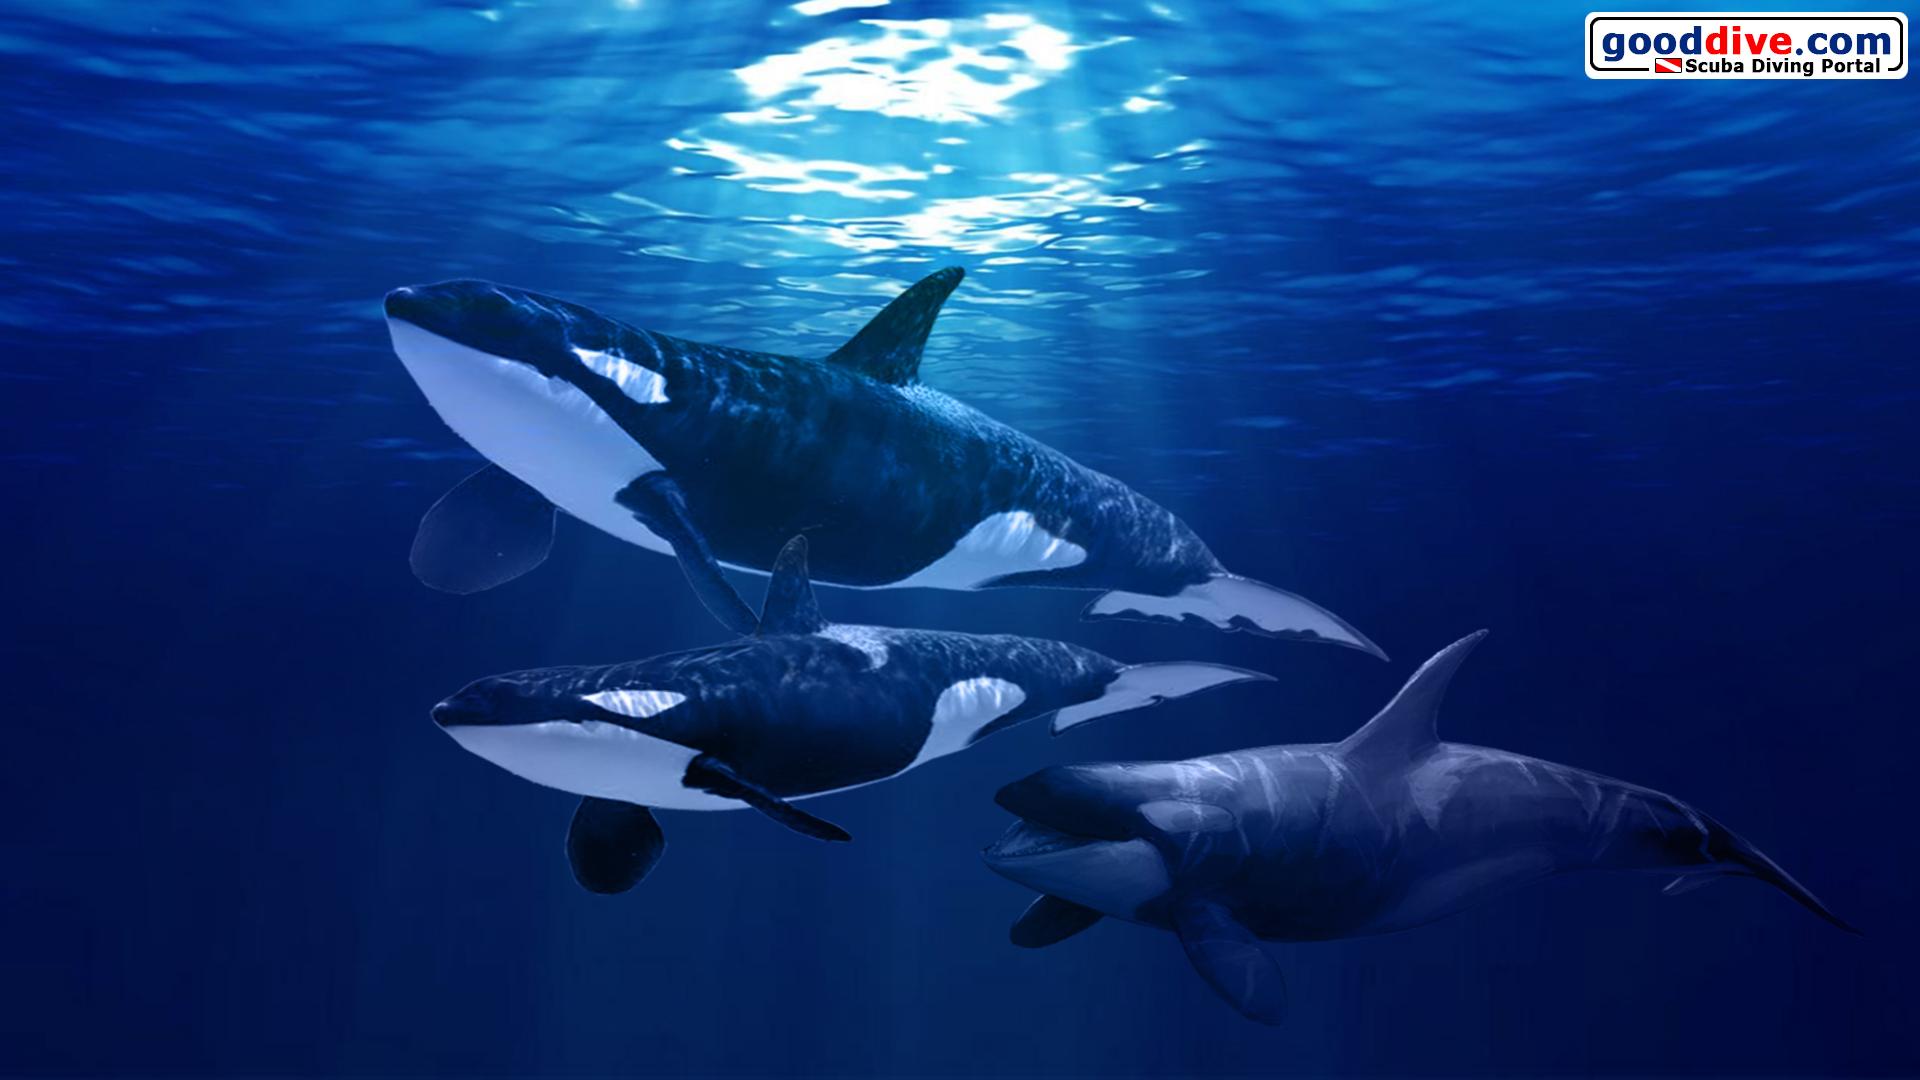 wallpaper orca 1920 1080